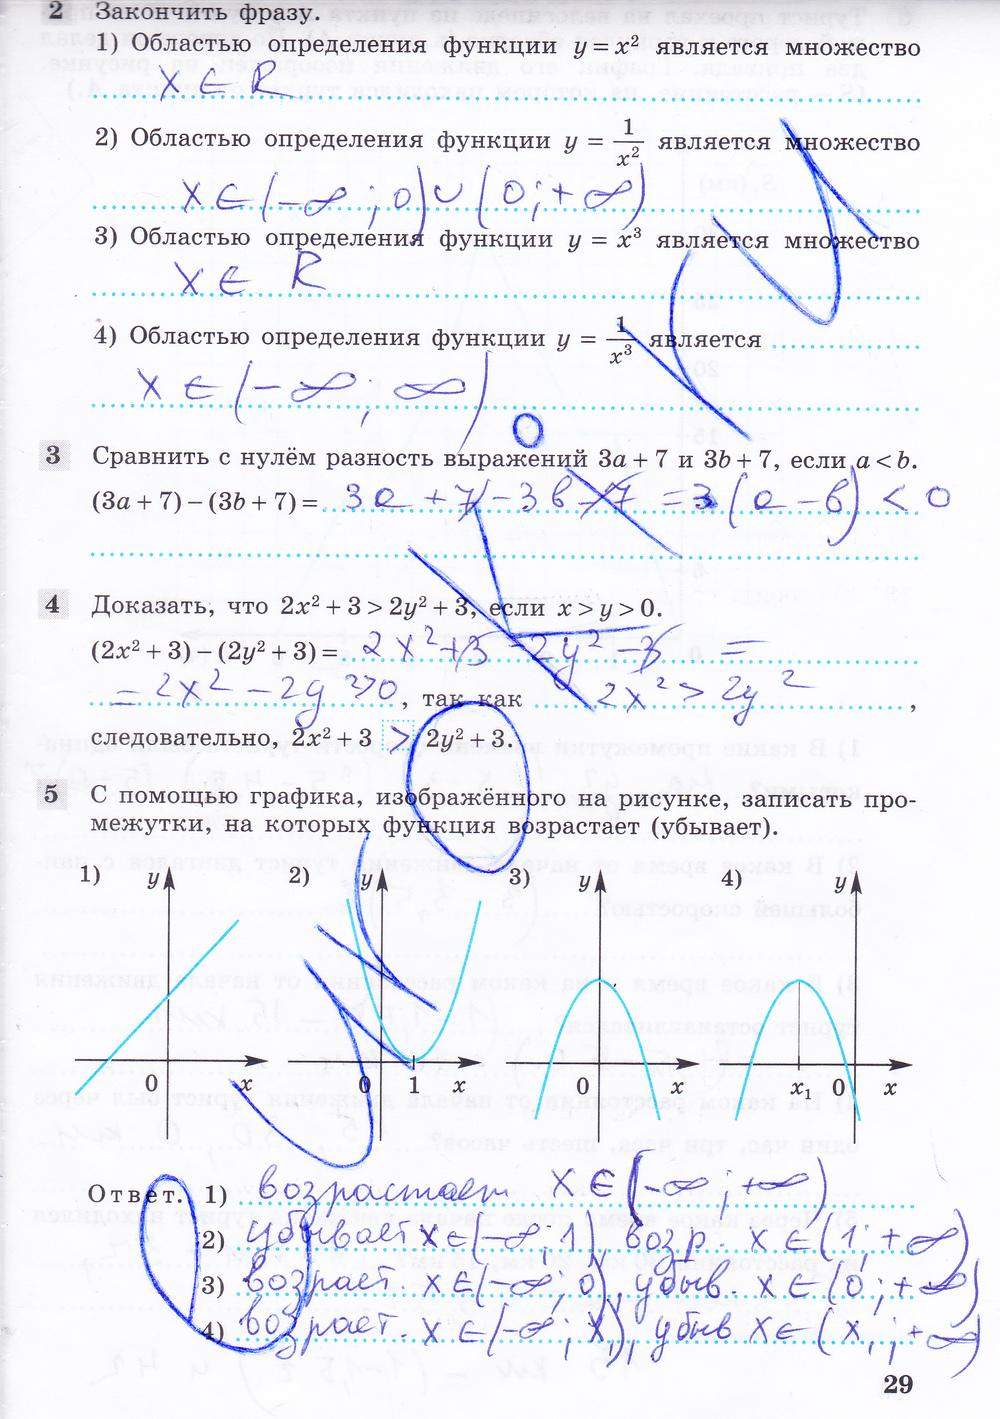 Гдз по алгебре 10 класс федорова